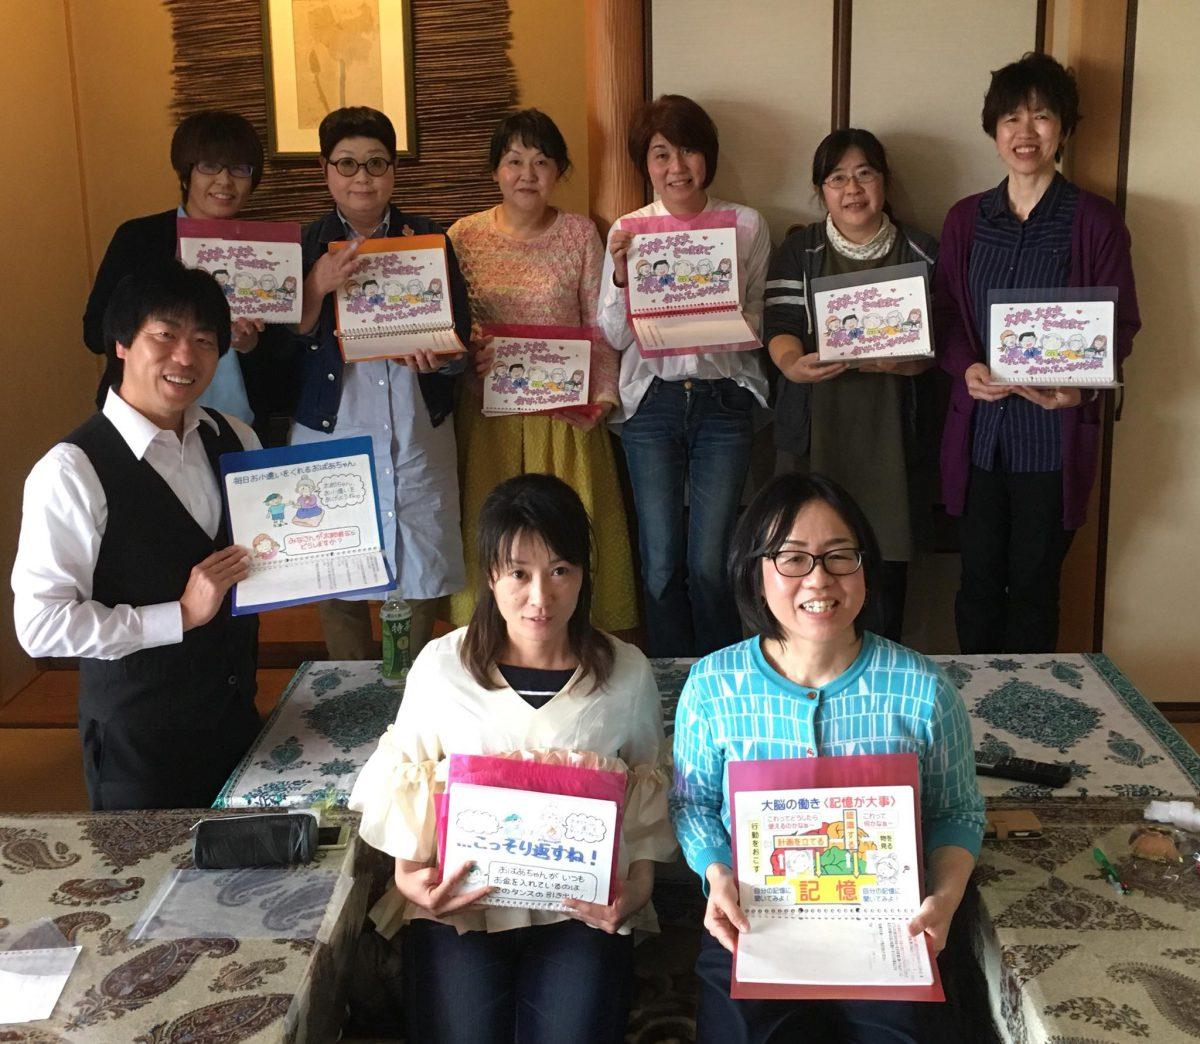 山口県にて【認知症シスター養成講座】を開催しました。